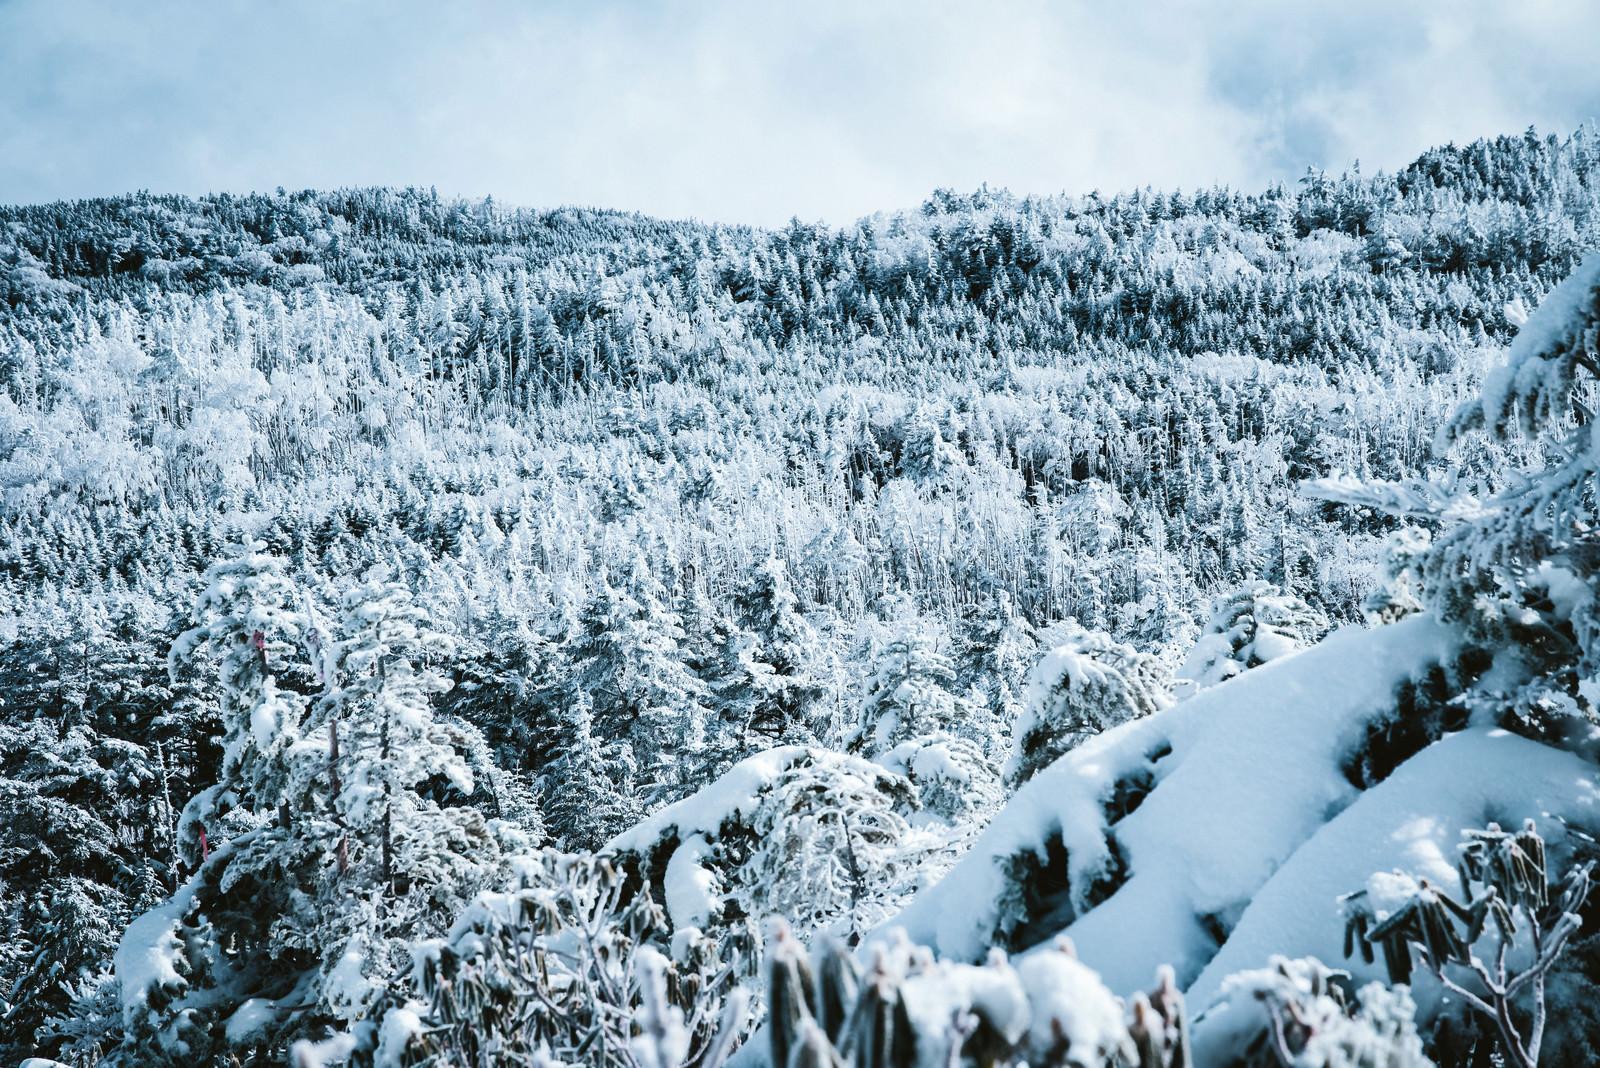 「一面に広がる樹氷の森」の写真